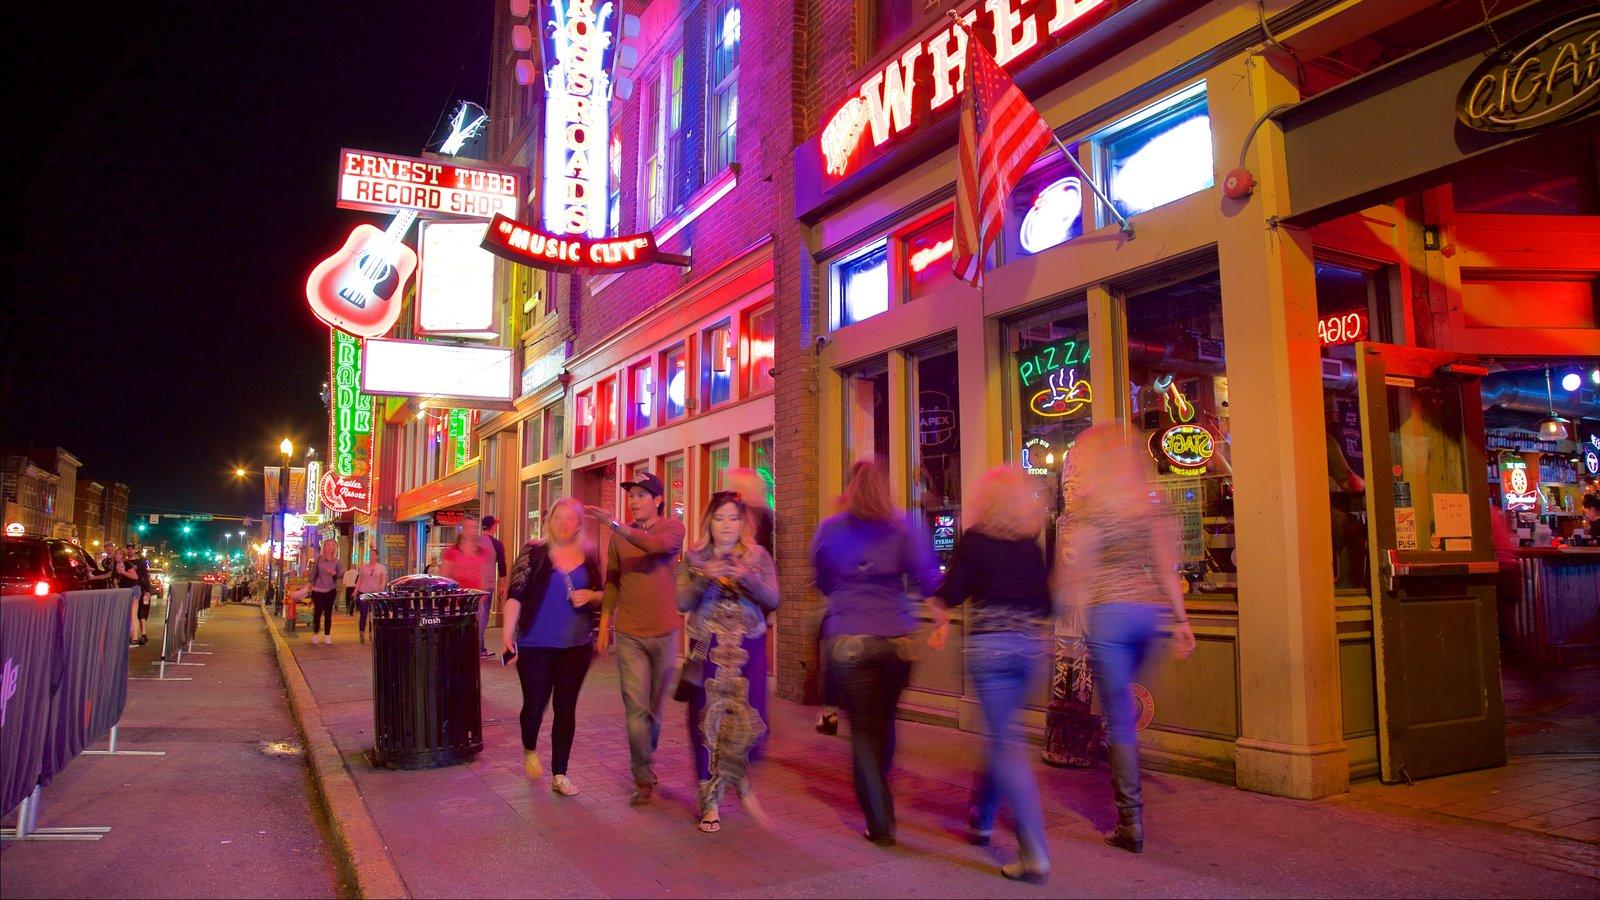 Universidad de Vanderbilt - Music Row mostrando vida nocturna, escenas nocturnas y señalización